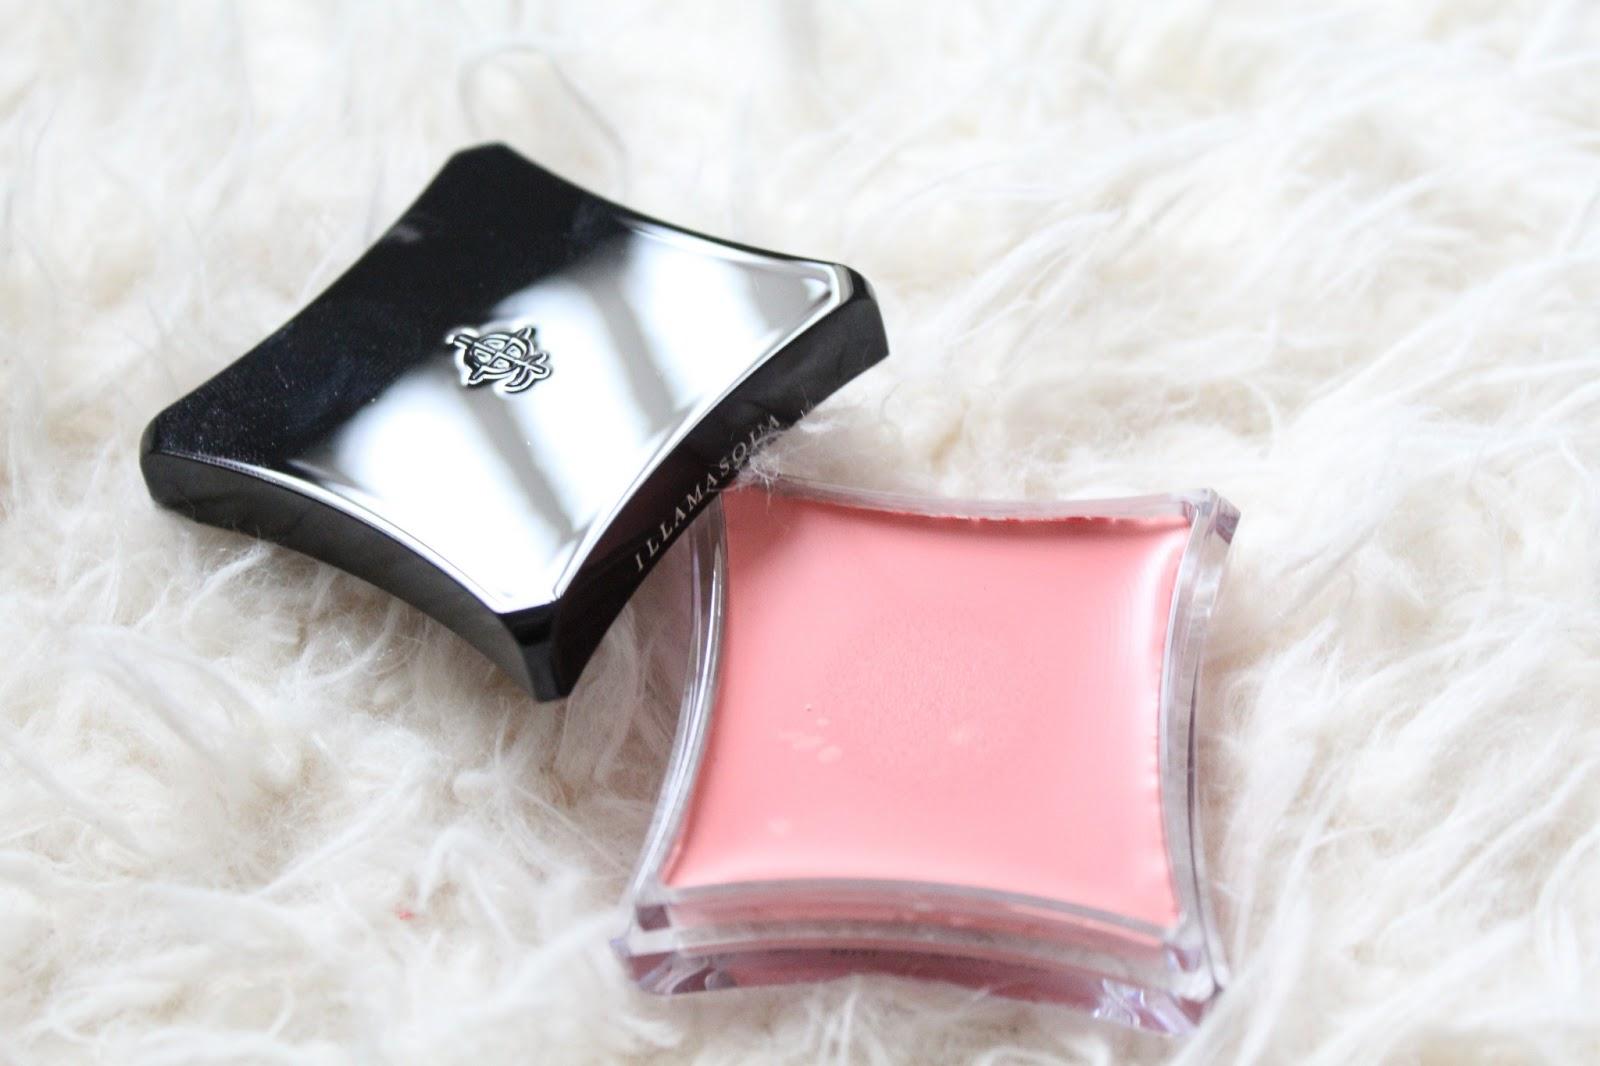 Illamasqua Androgen Pigment